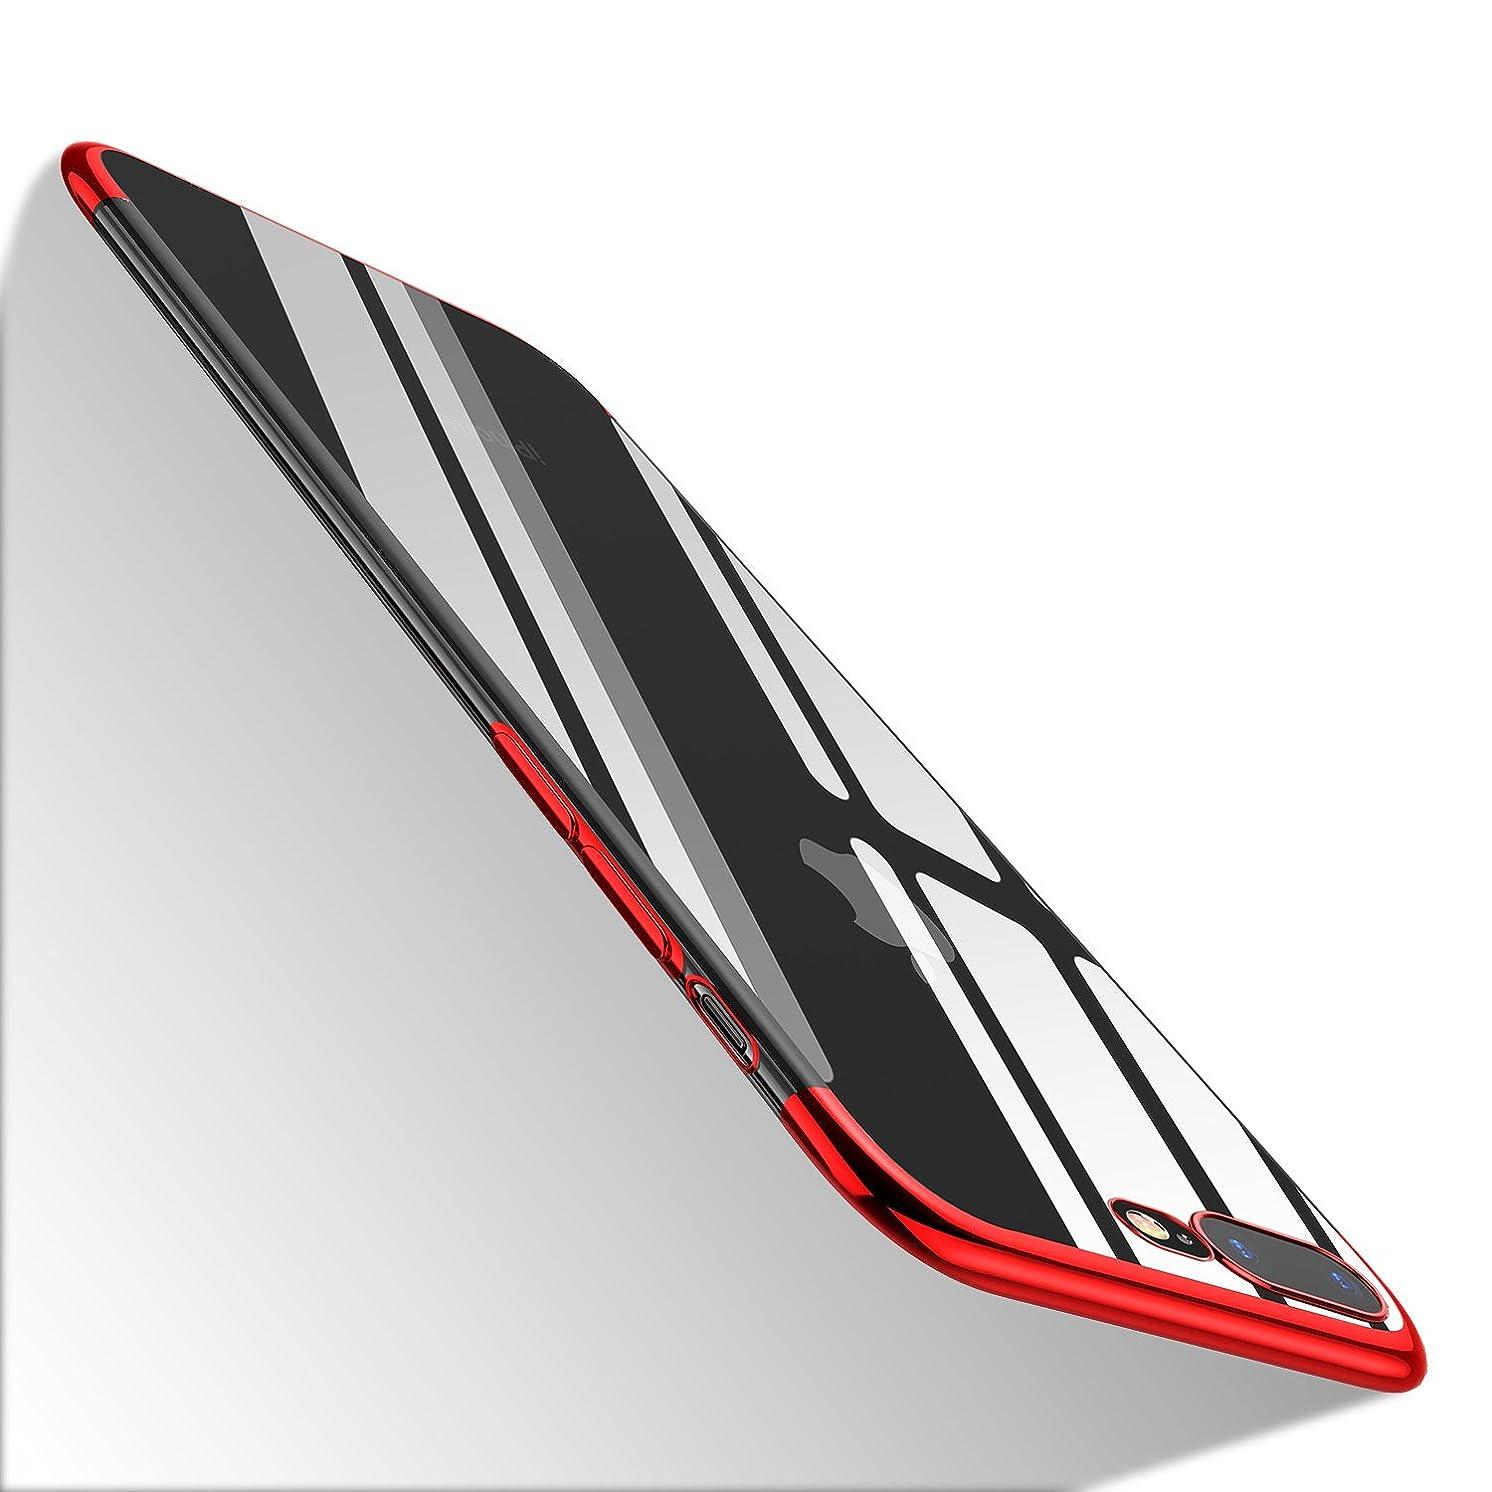 iPhone 8 Plus Clear Case,iPhone 7 Plus Clear Case, WLKSAM Clear Slim Premium Hybrid TPU Anti-Scratch Bumper Cover for Apple iPhone 8 Plus / 7 Plus, Red